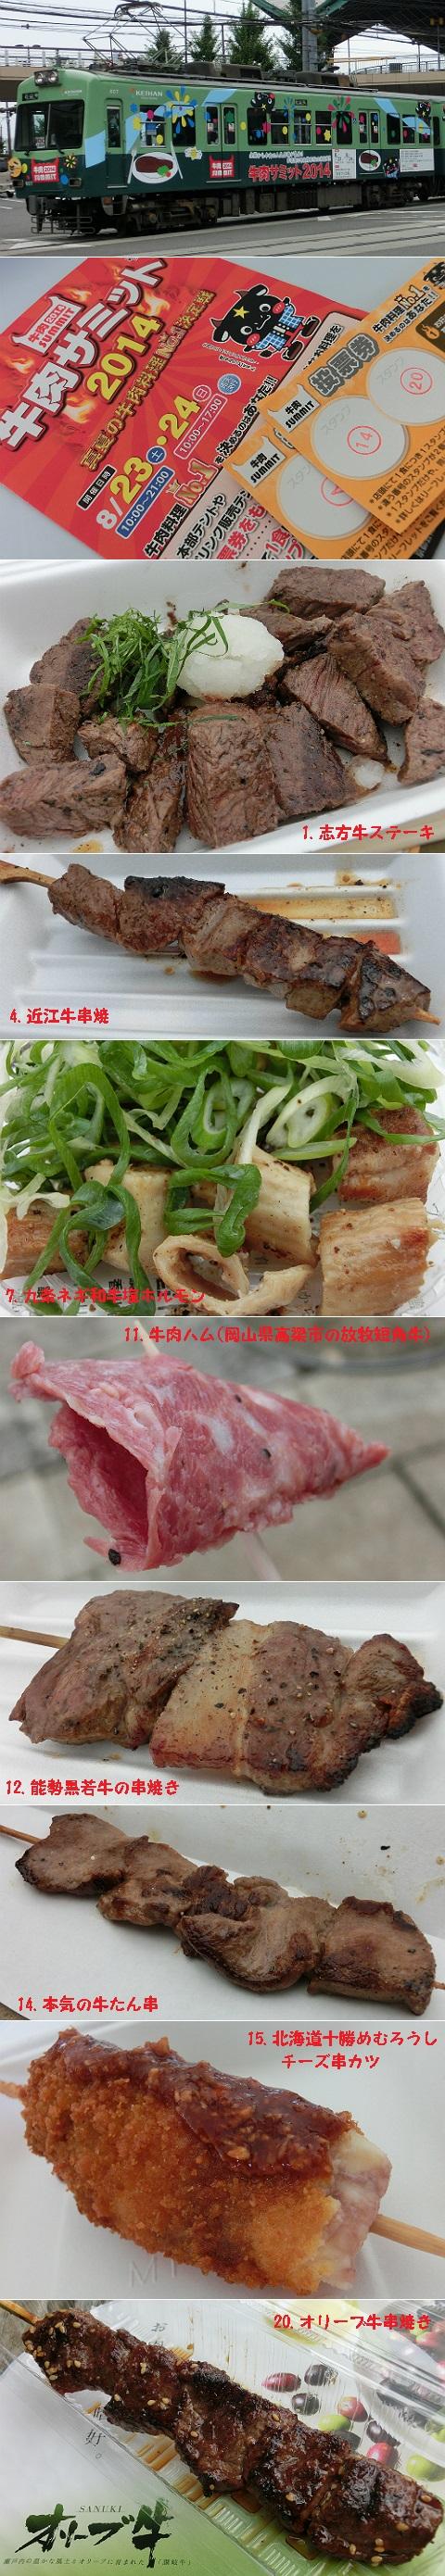 牛肉サミット2014 @滋賀県大津港一帯